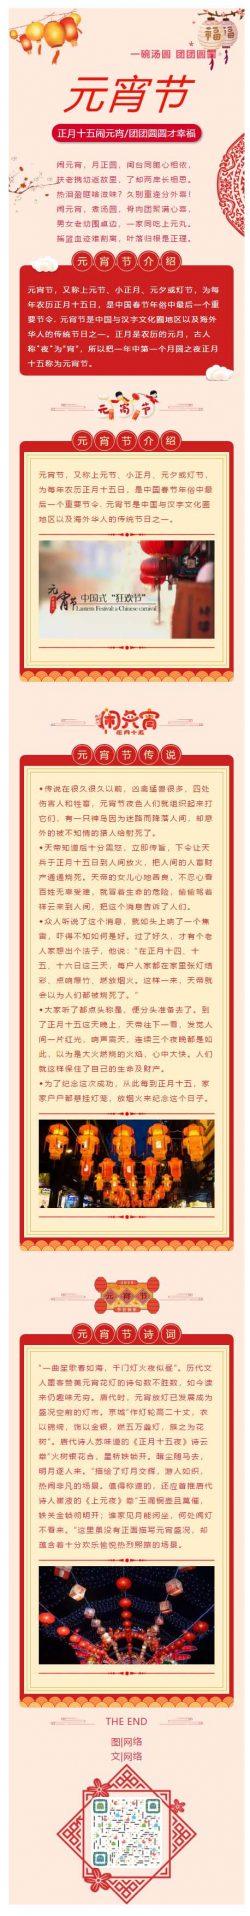 元宵节又称上元节正月十五闹元宵微信公众号图文模板推送图文素材推文模板